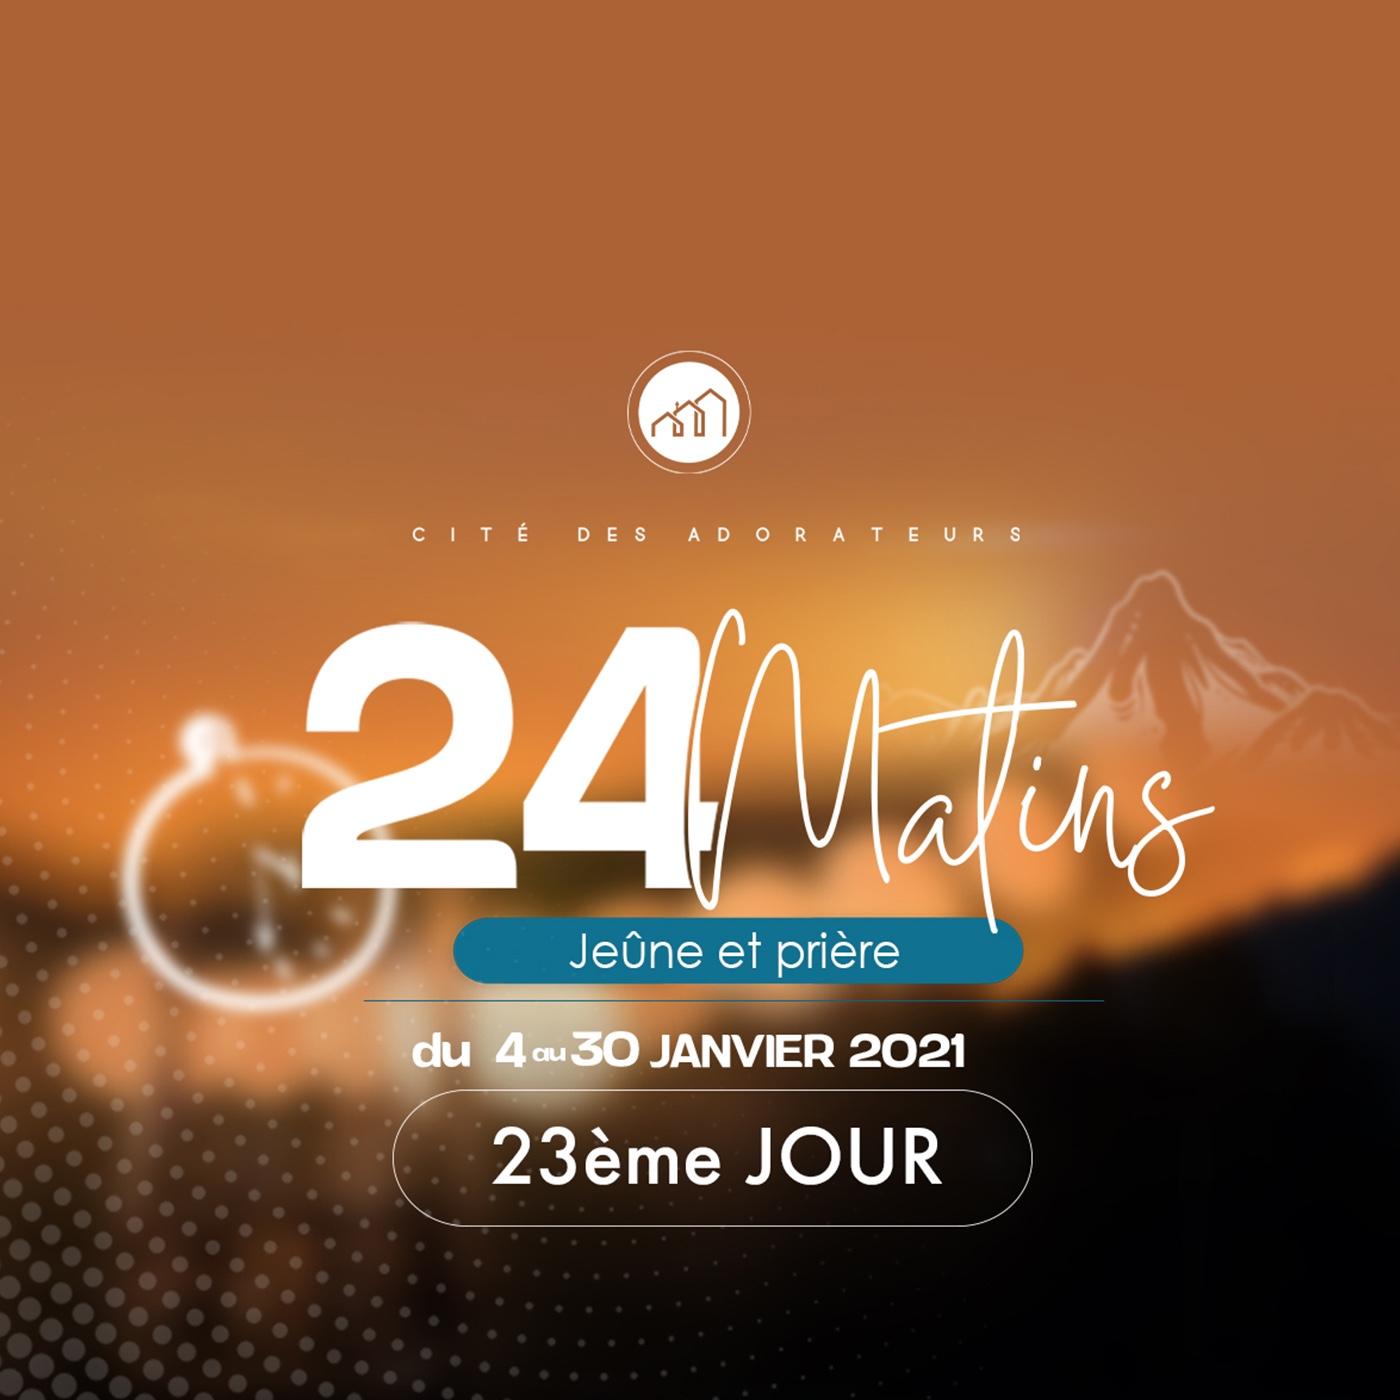 24 MATINS 23ème JOUR